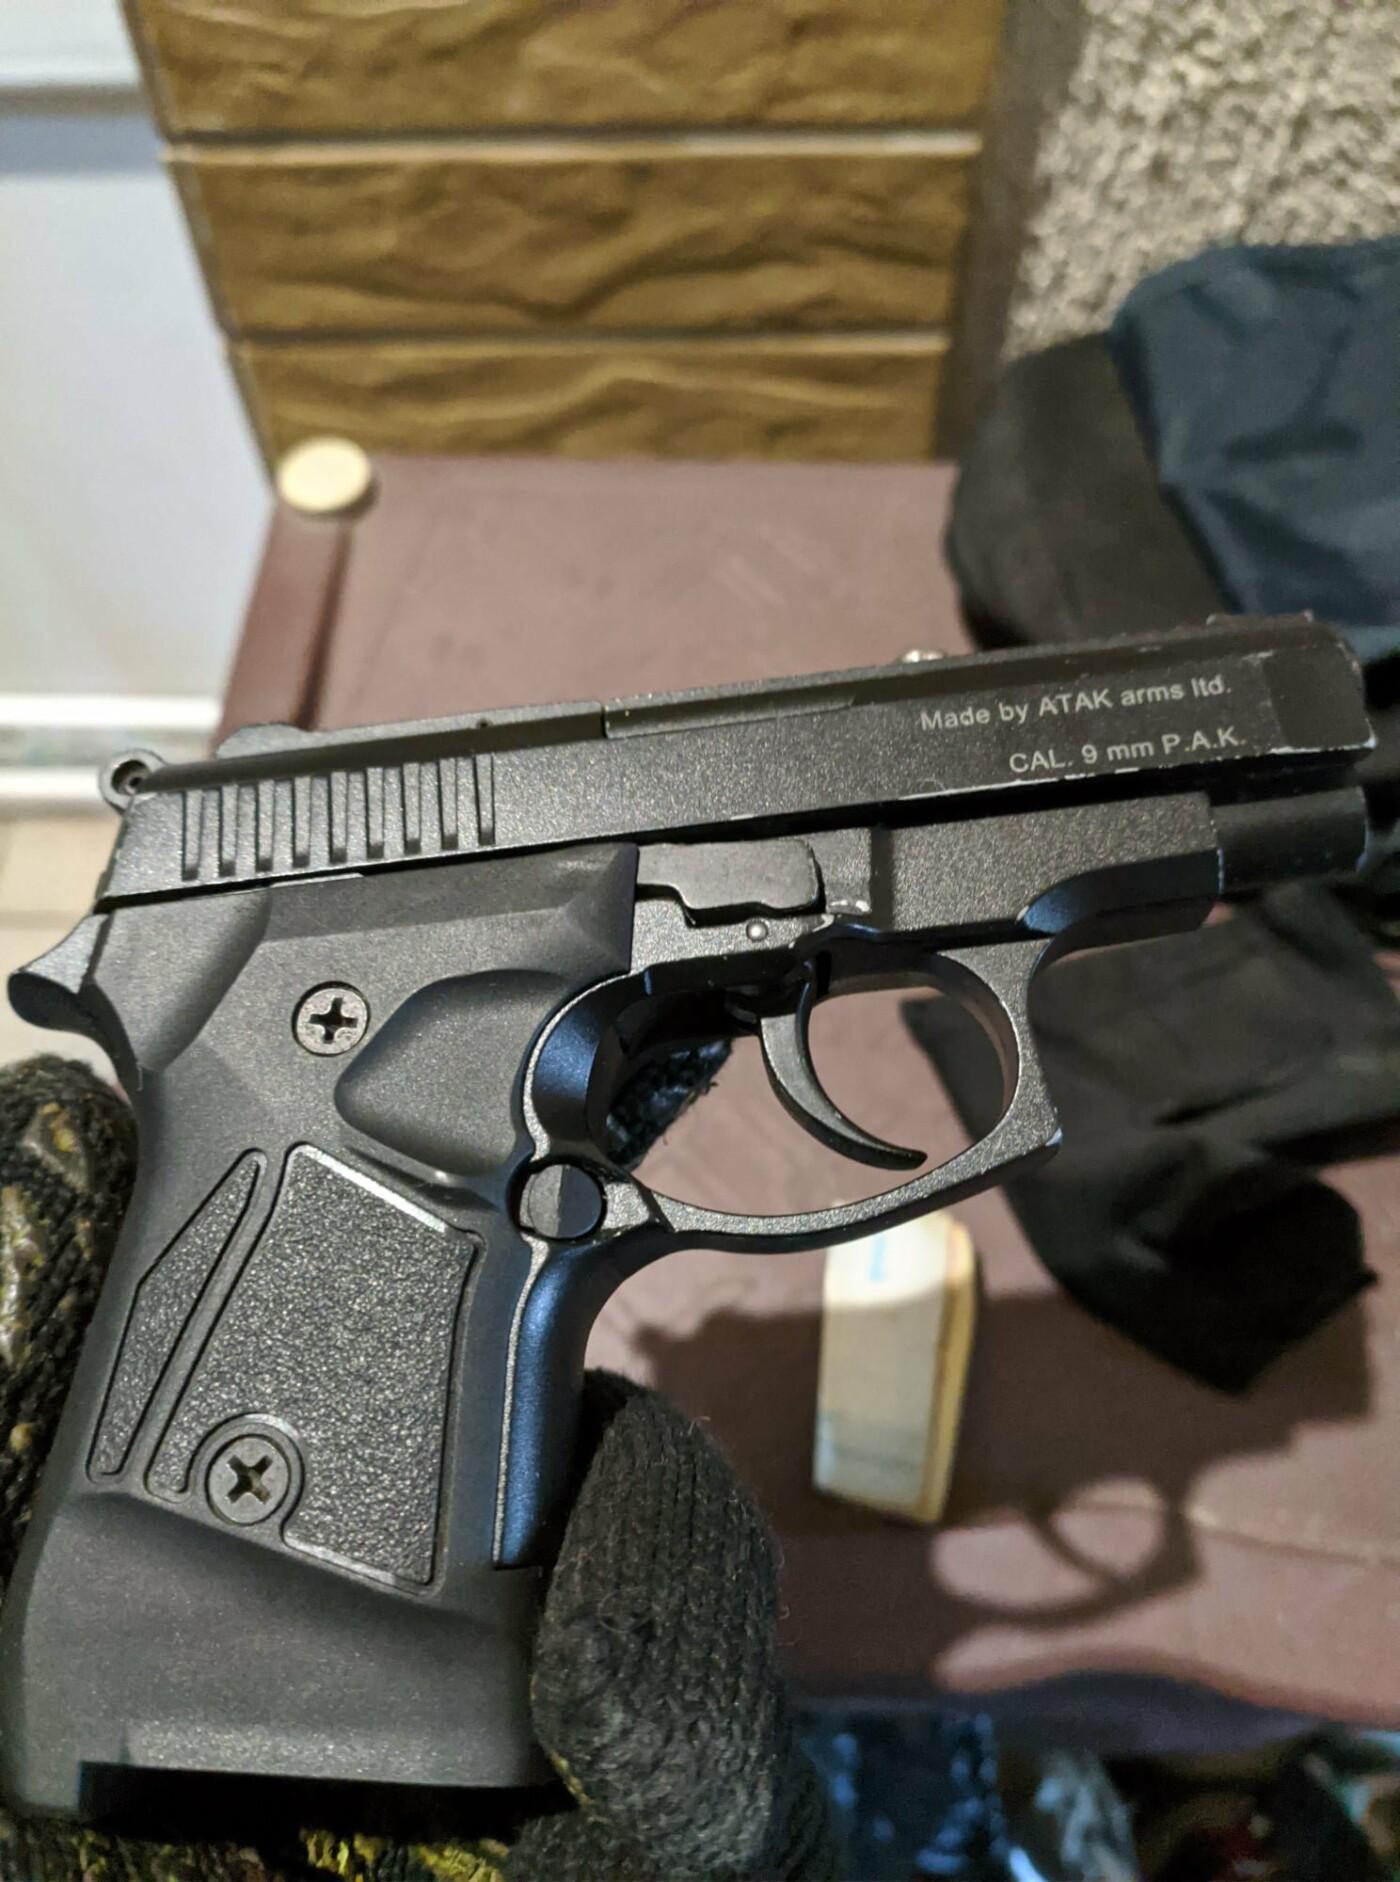 Под Харьковом двоих местных жителей могут осудить на 12 лет за продажу наркотиков и хранение оружия, - ФОТО, фото-1